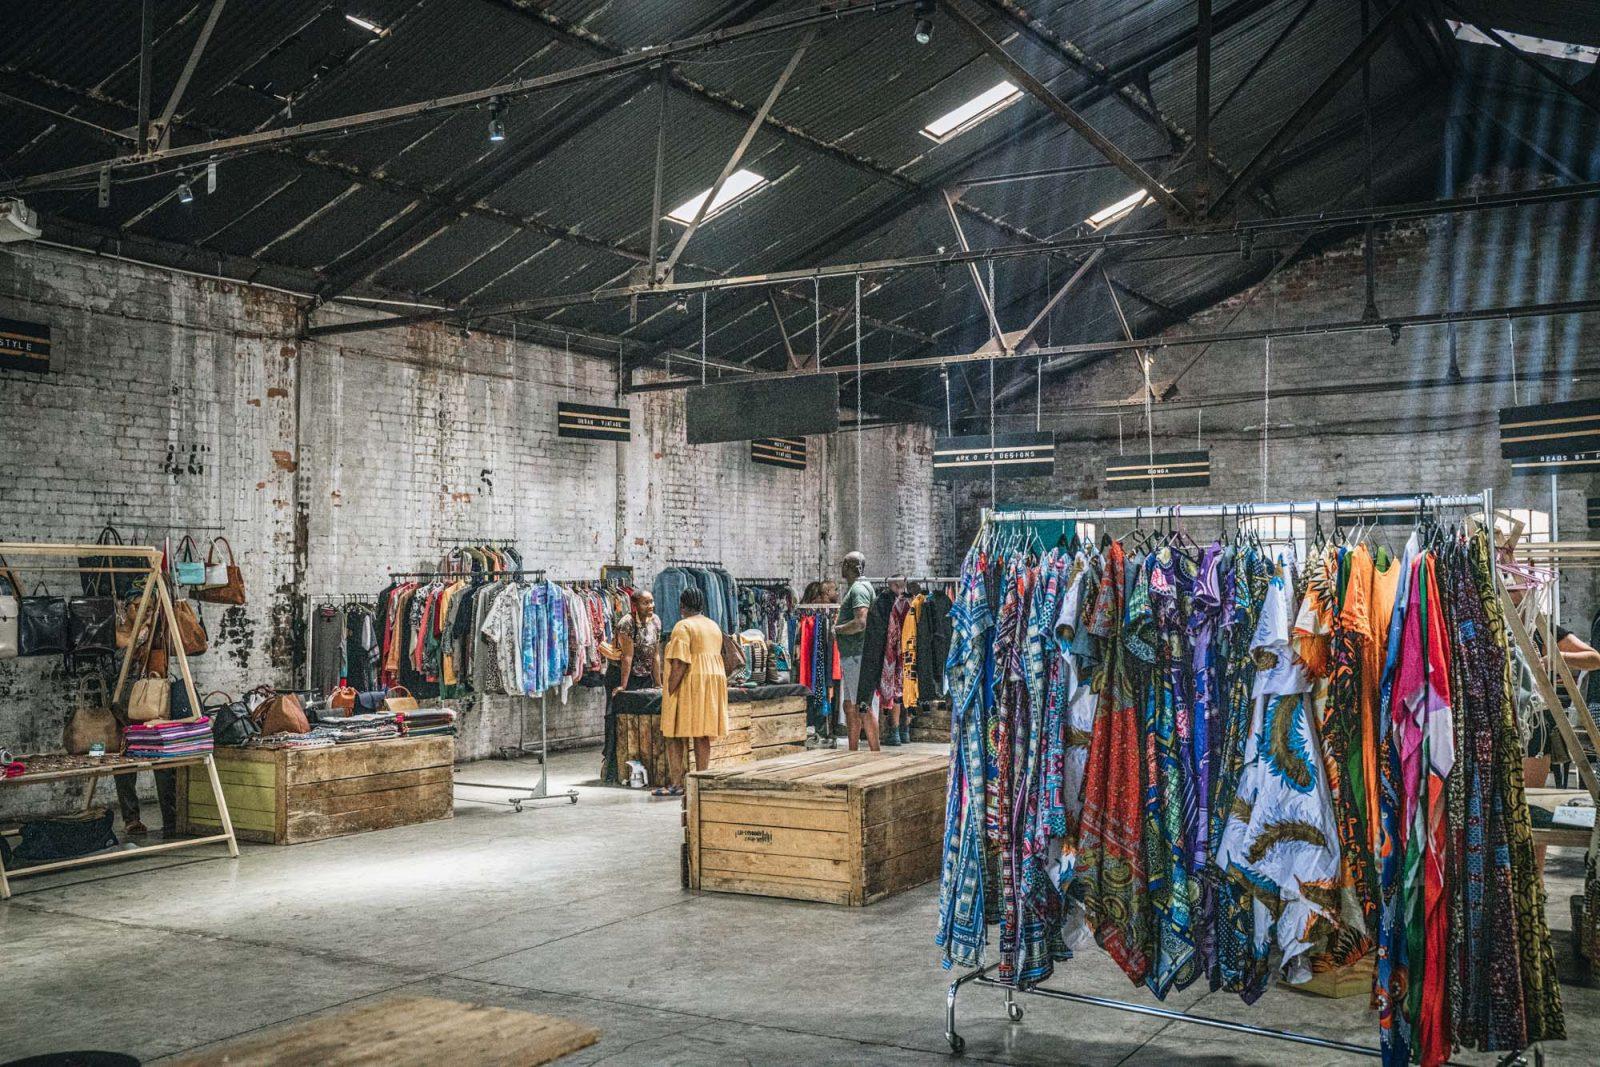 Market on Main, Maboneng District, Johannesburg